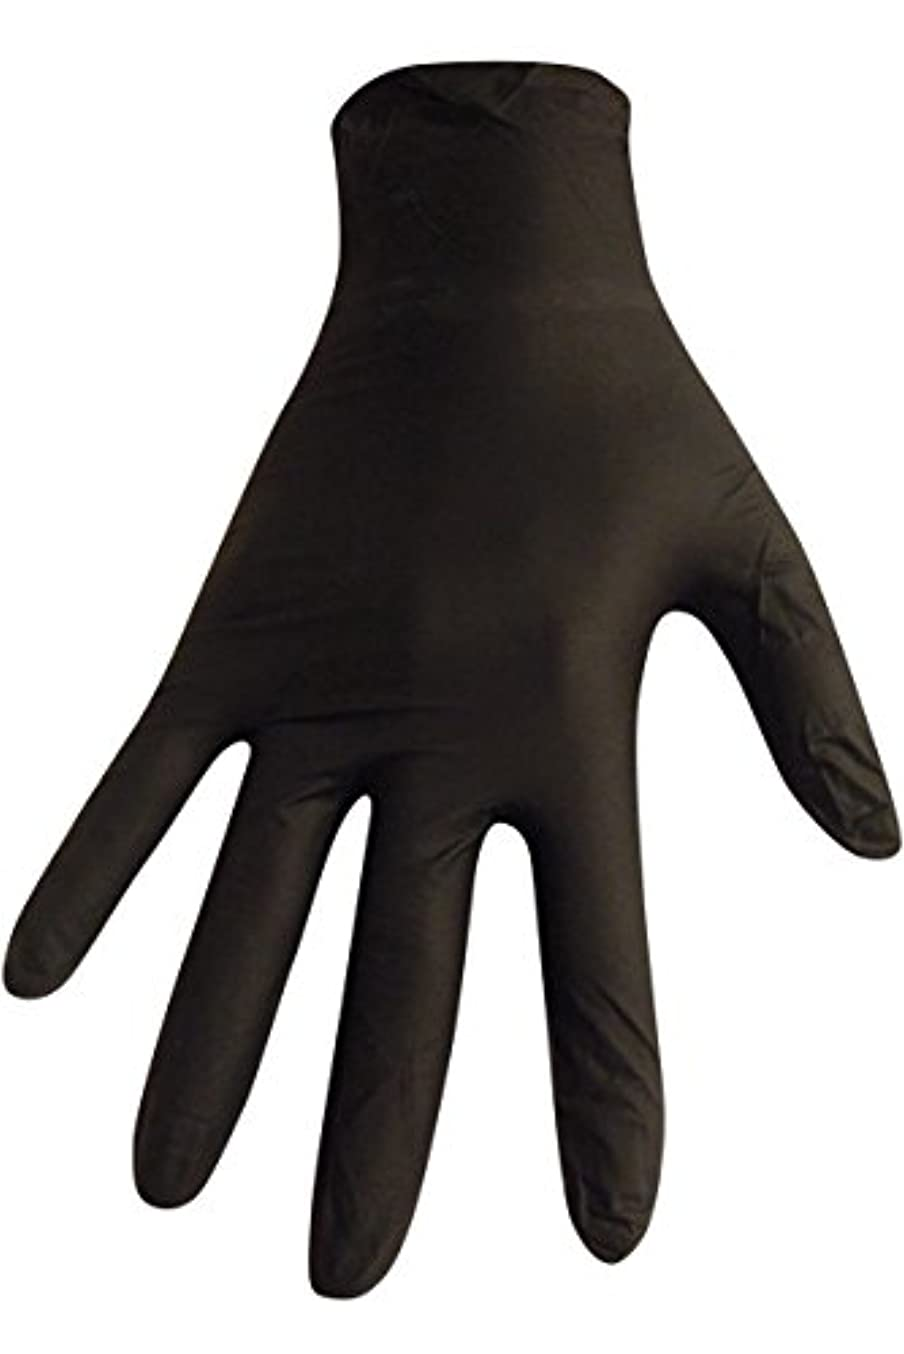 フィッティング対抗反対する【箱なし発送】ニトリル極薄手袋 S?M?L 選べる4色(50枚入) (S, ブラック)